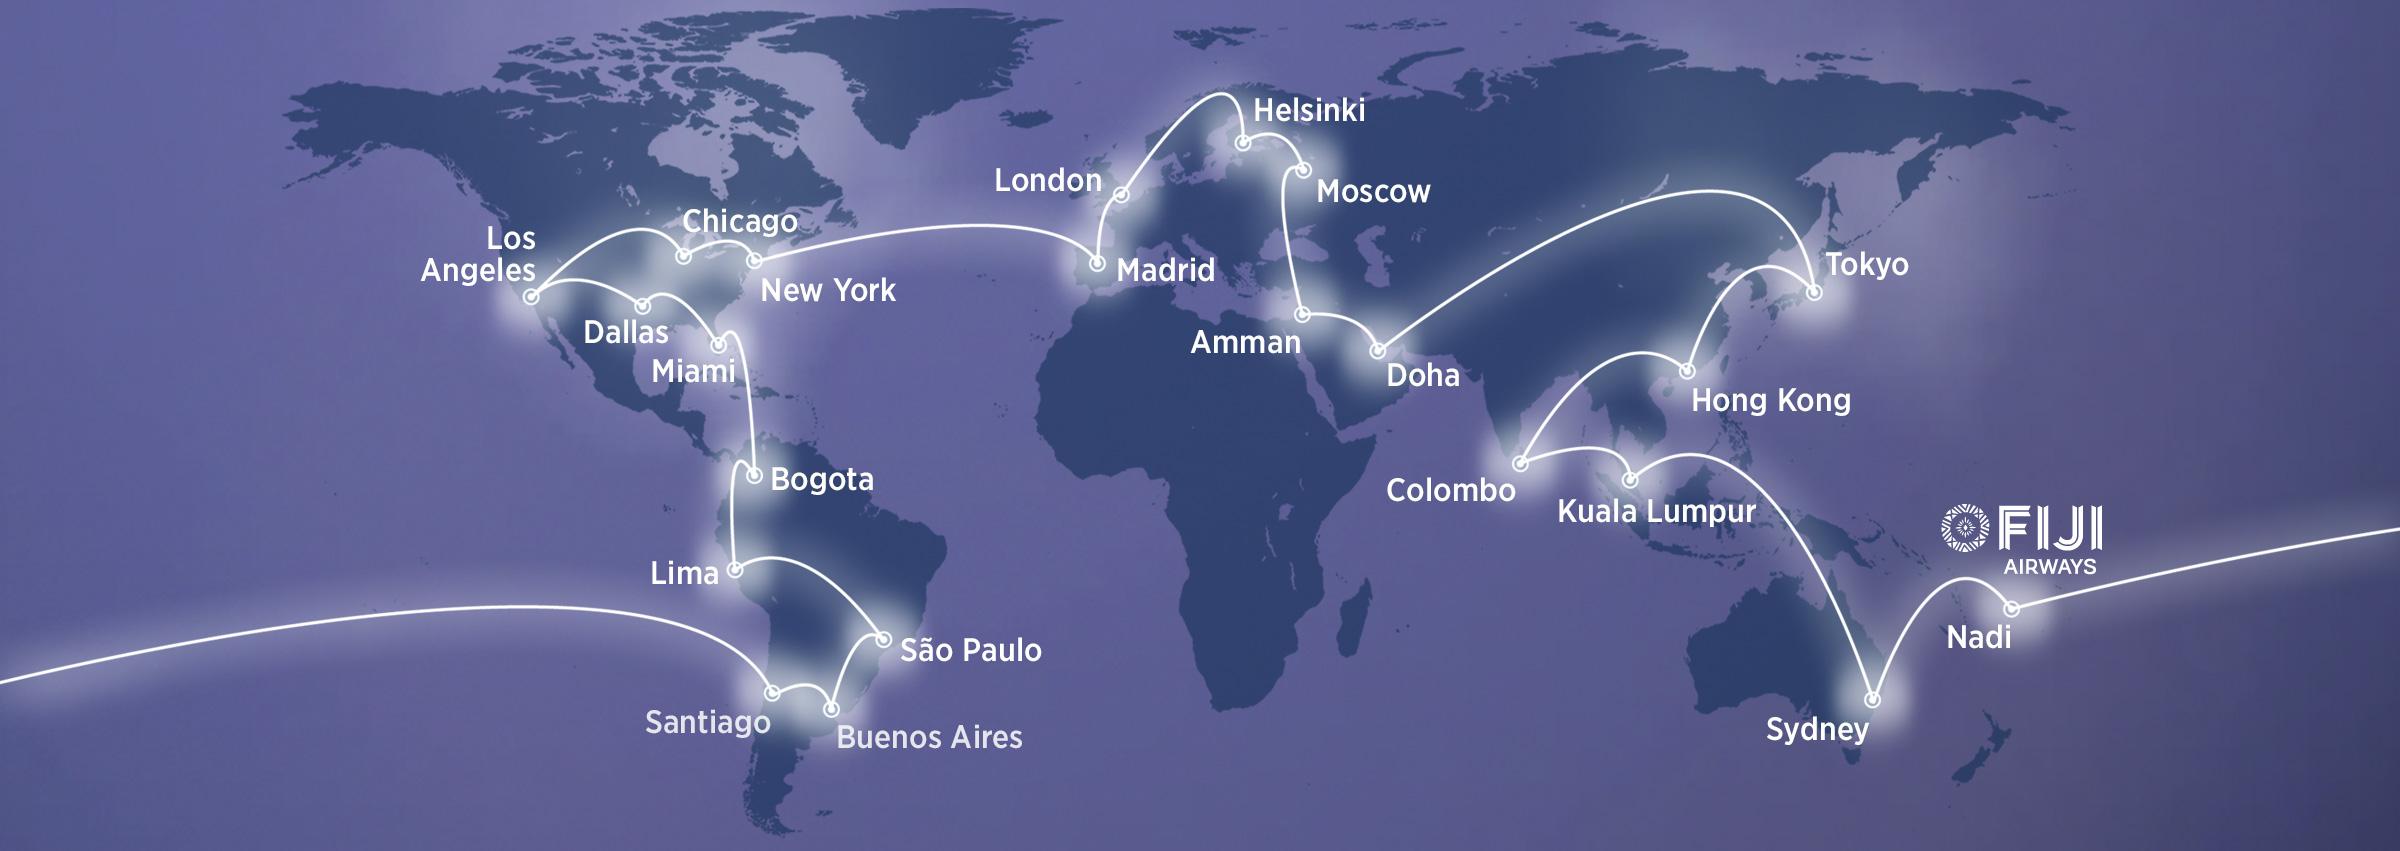 Fiji Airways oneworld connect